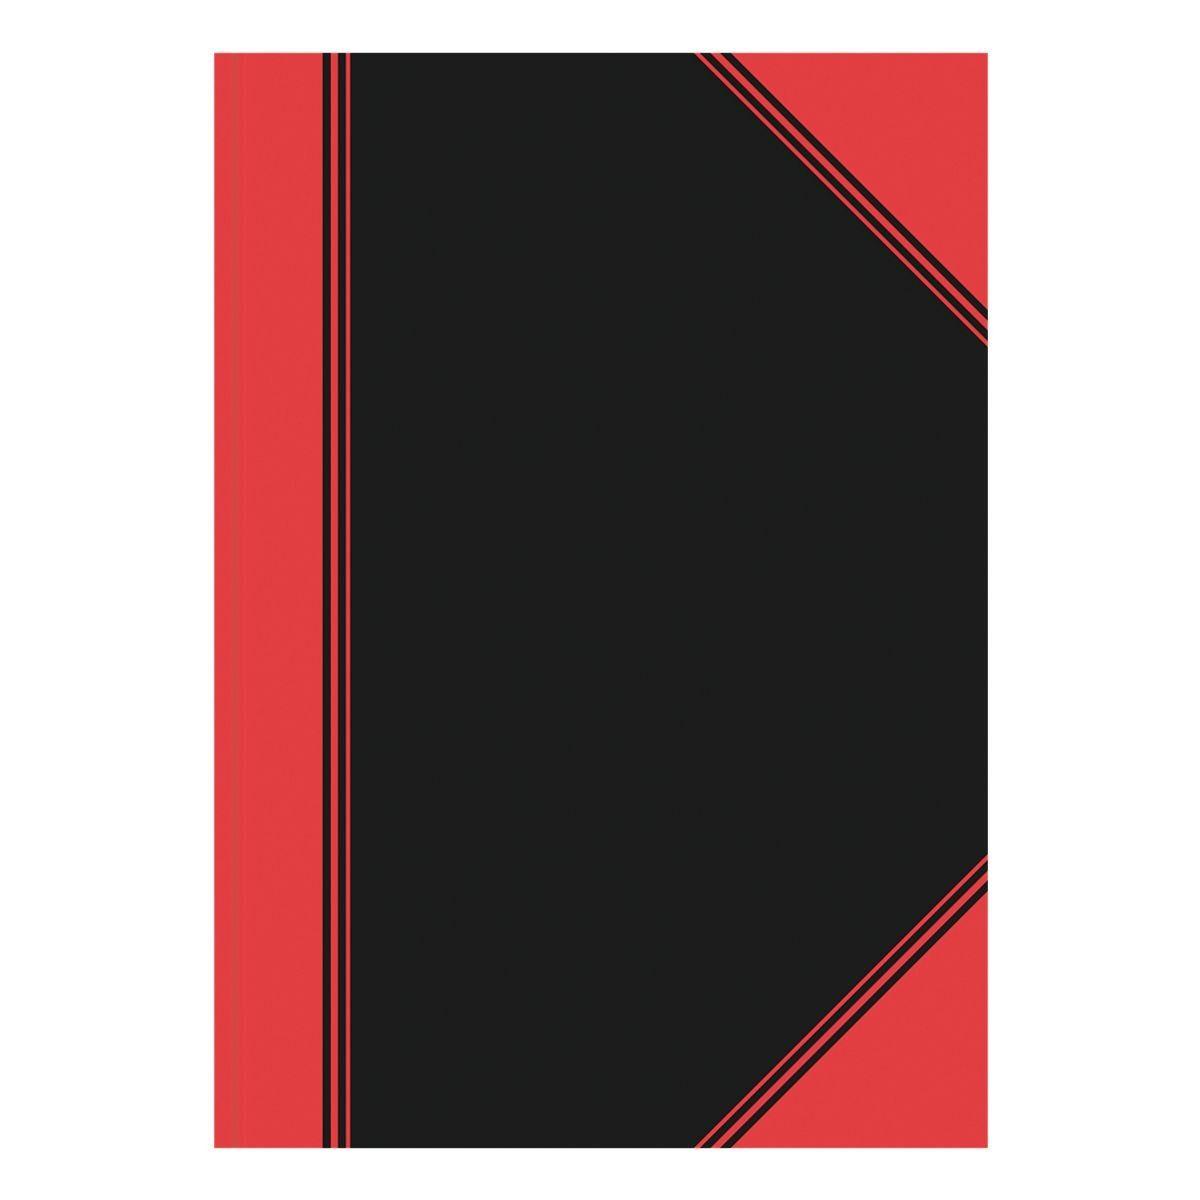 LANDRE Notizbuch 100302816 A6 kariert - 192 Seiten »Chinakladde«